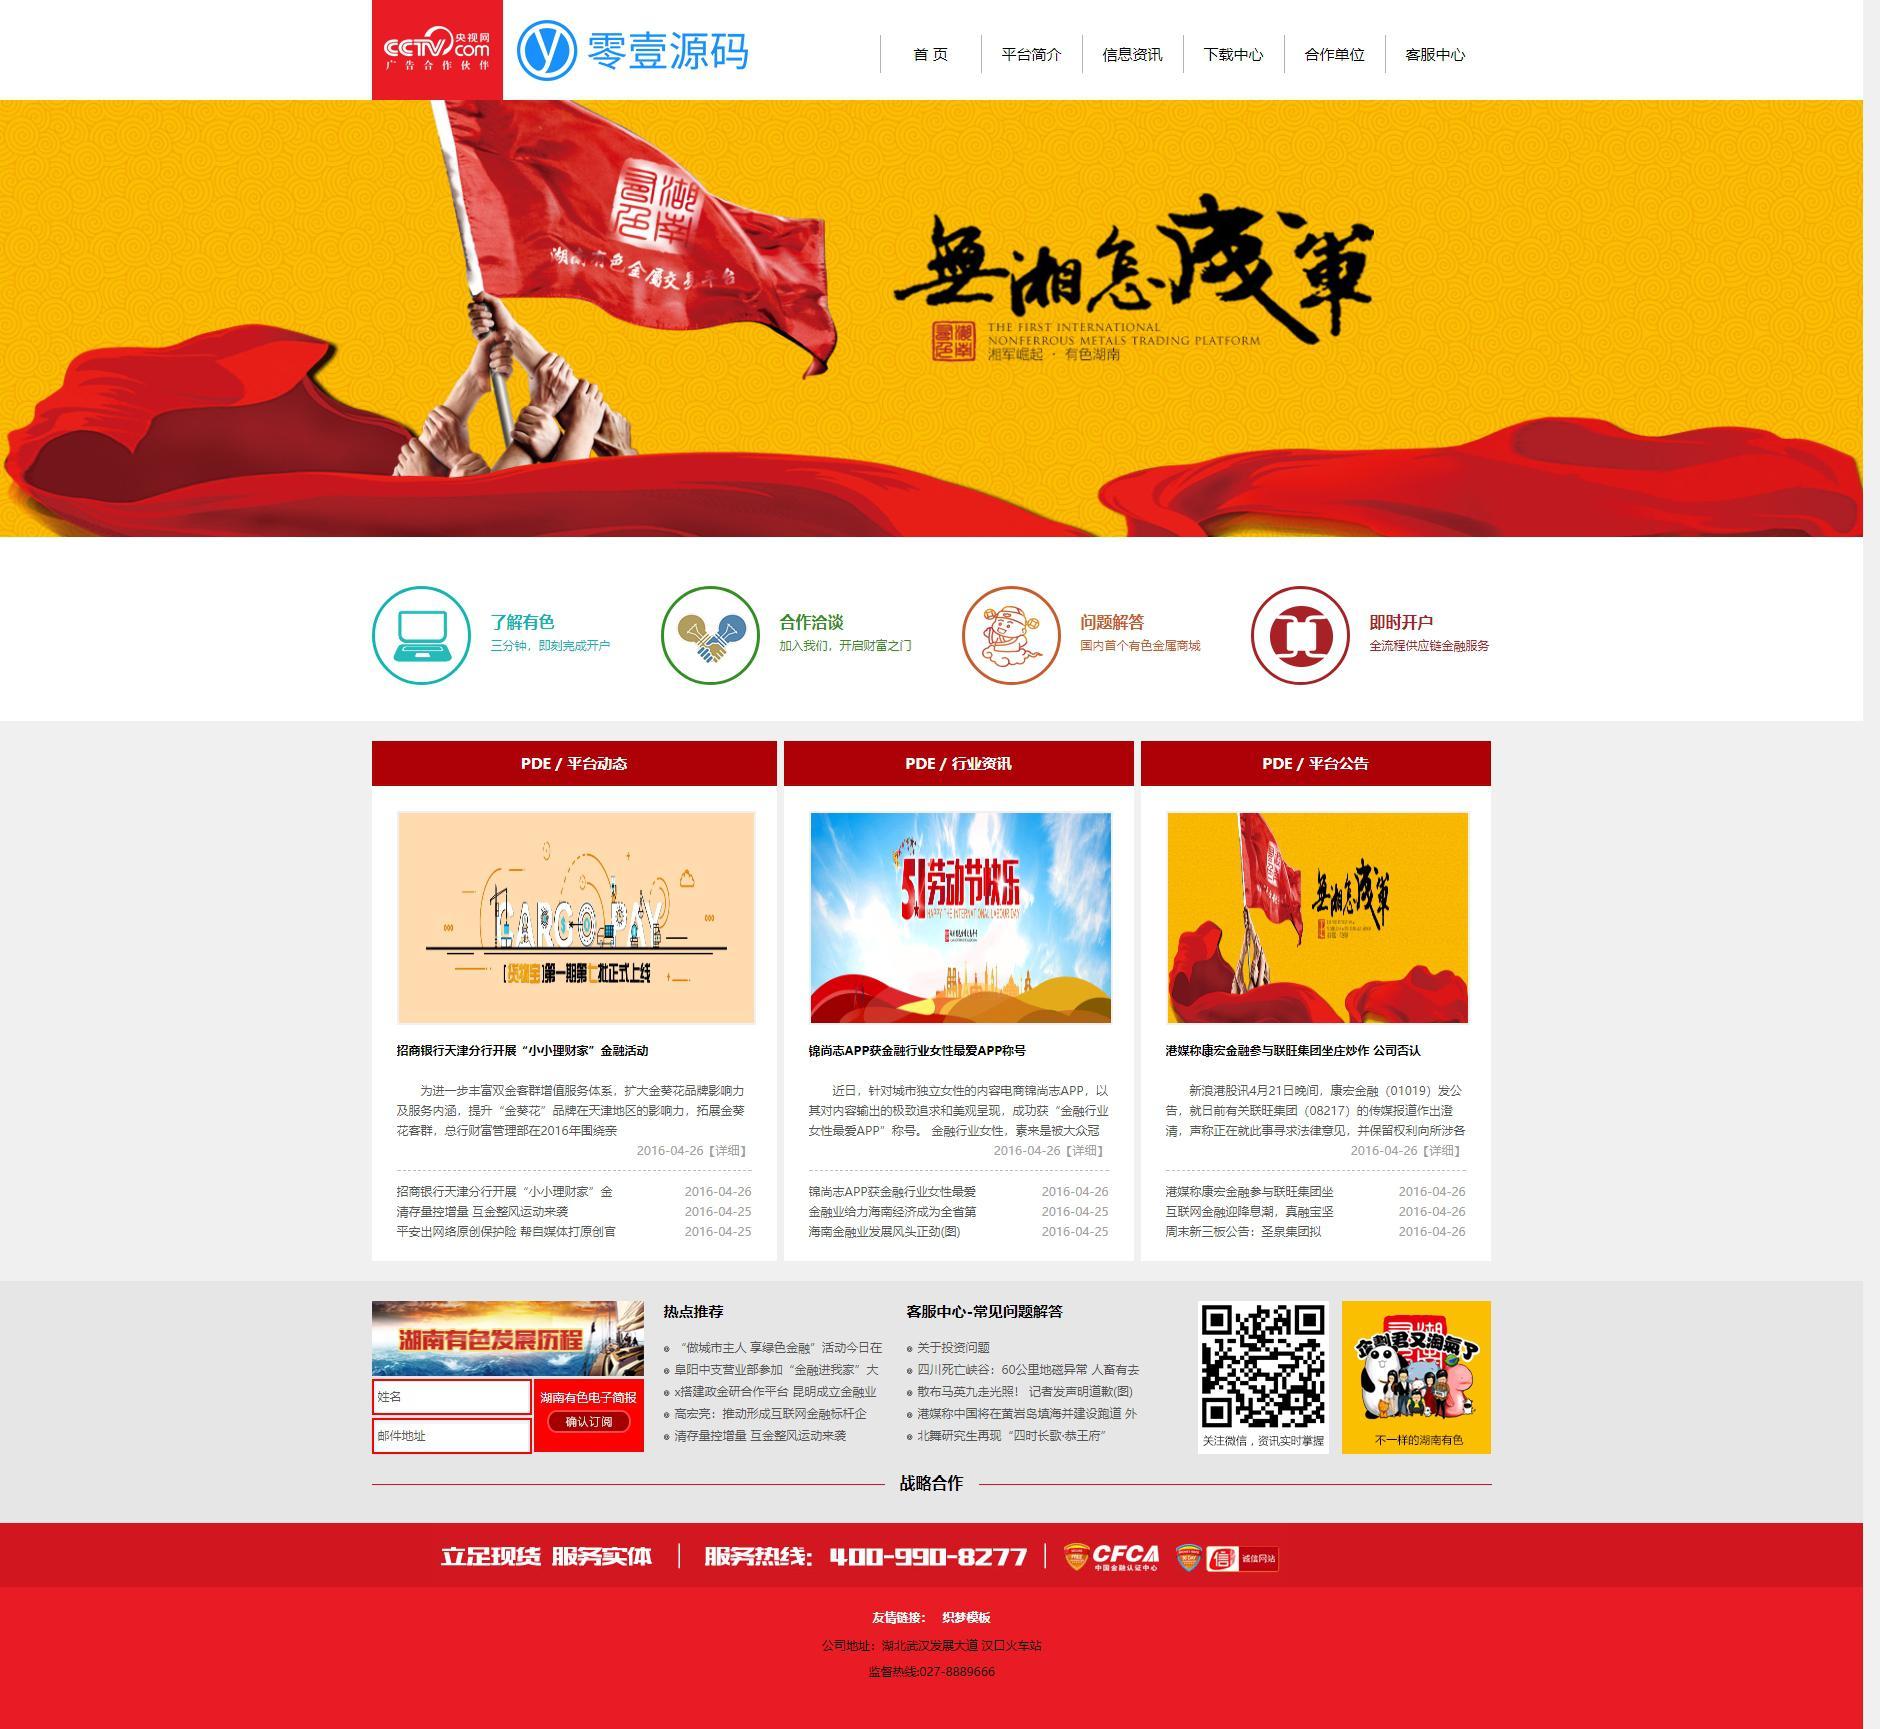 金融有色贵金属企业类网站dedecms织梦模板